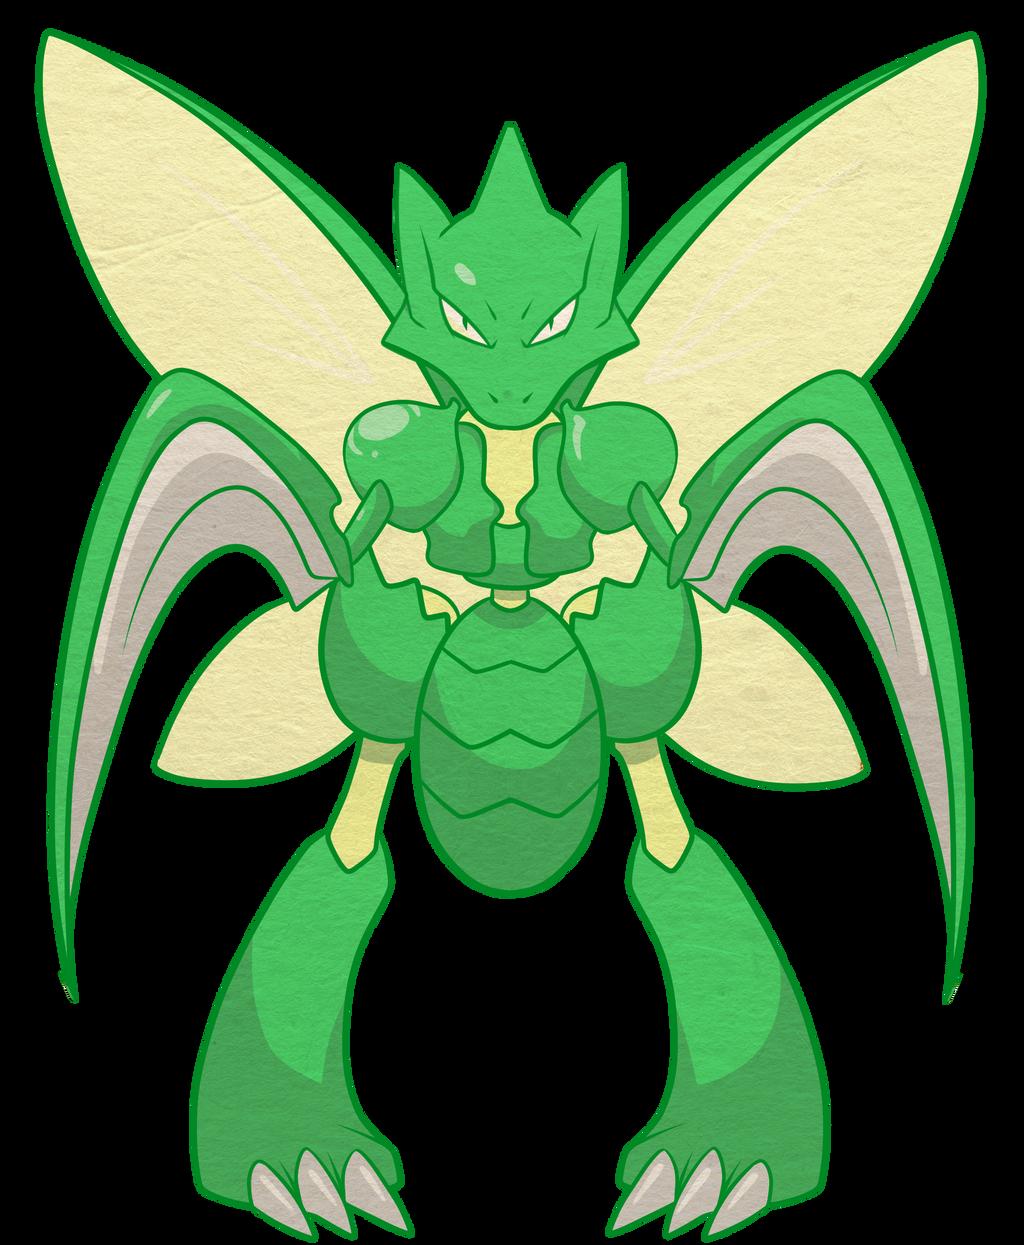 Pokemon Bug Type 1 Images | Pokemon Images